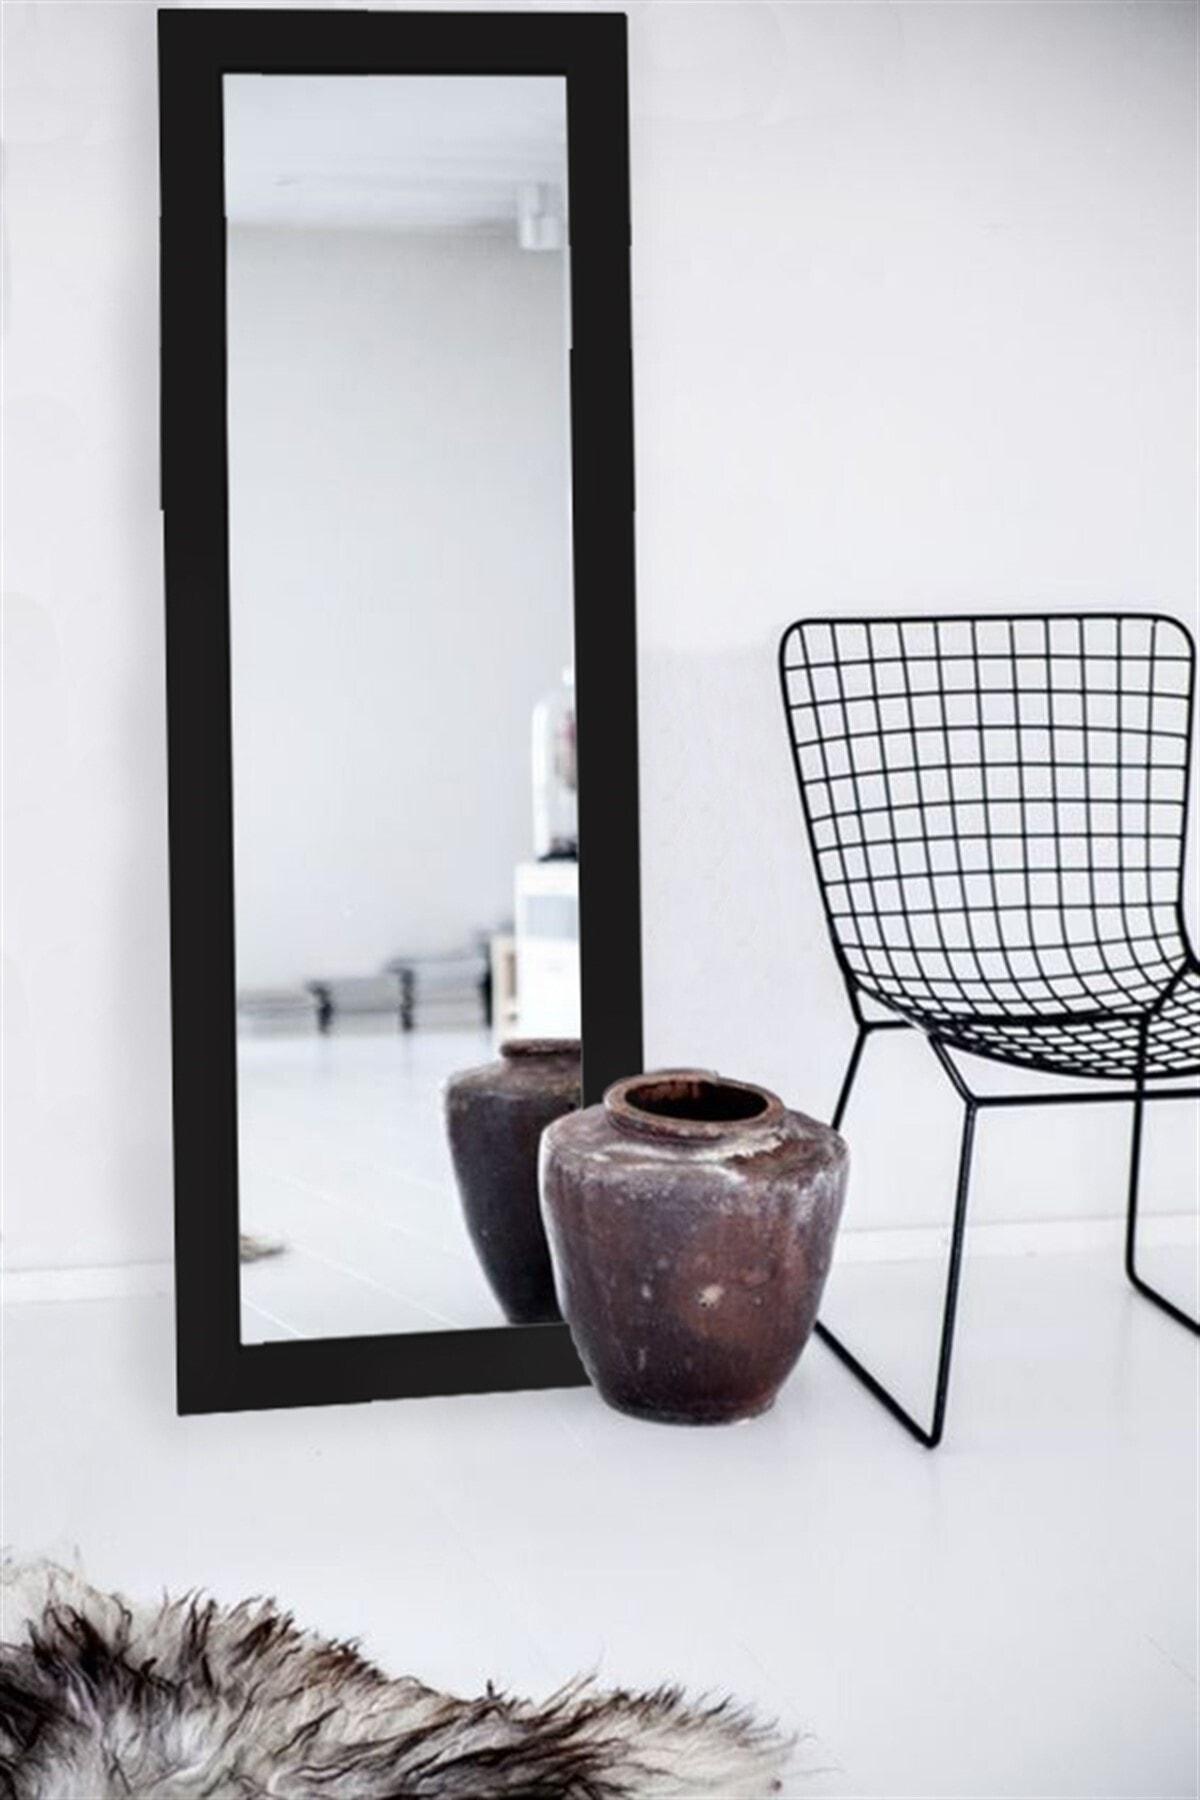 Hüma's Siyah Dekoratif Retro Boy Aynası 110 x 48 cm 2